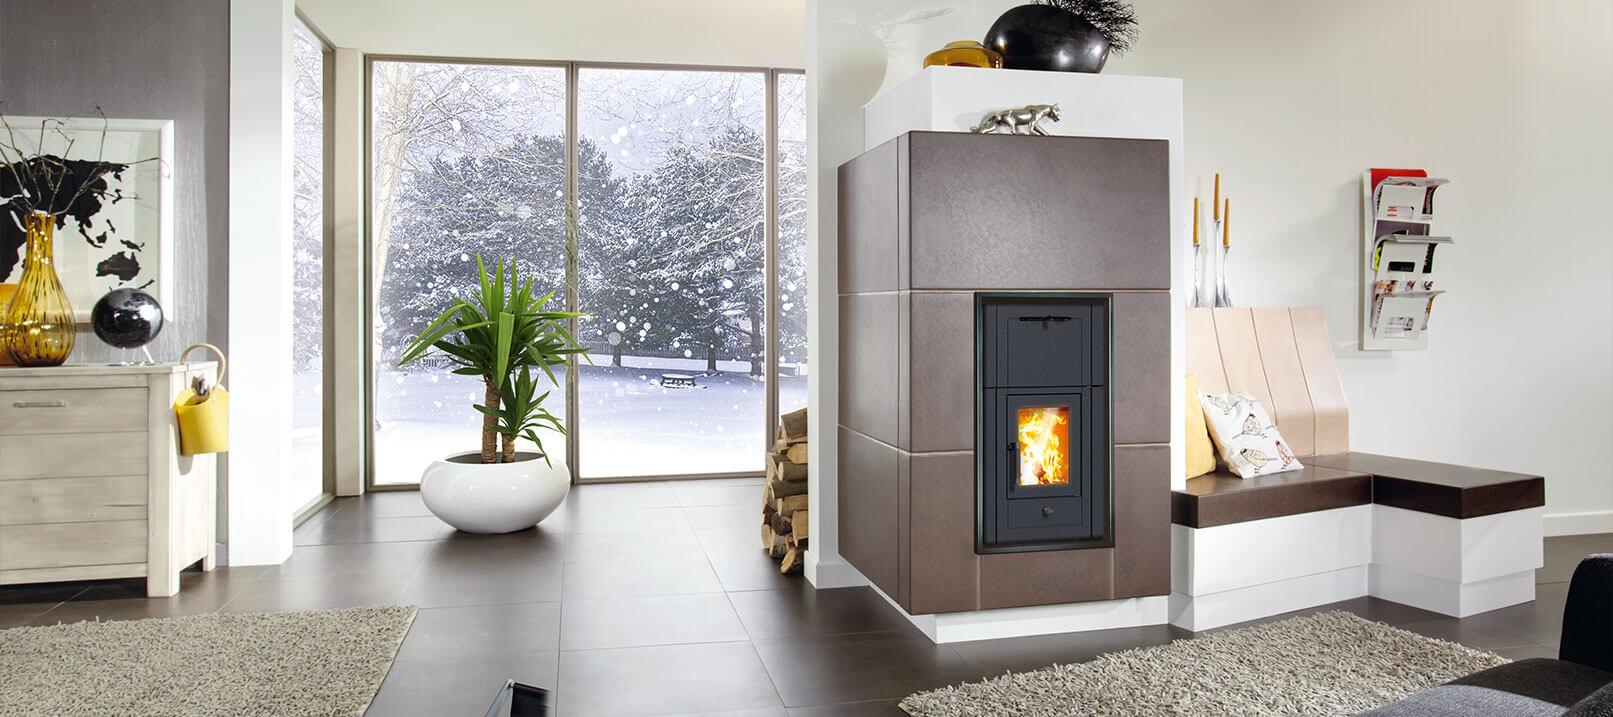 Der neue Onlineshop vom Ofenspezialisten Feuer & Design Europe